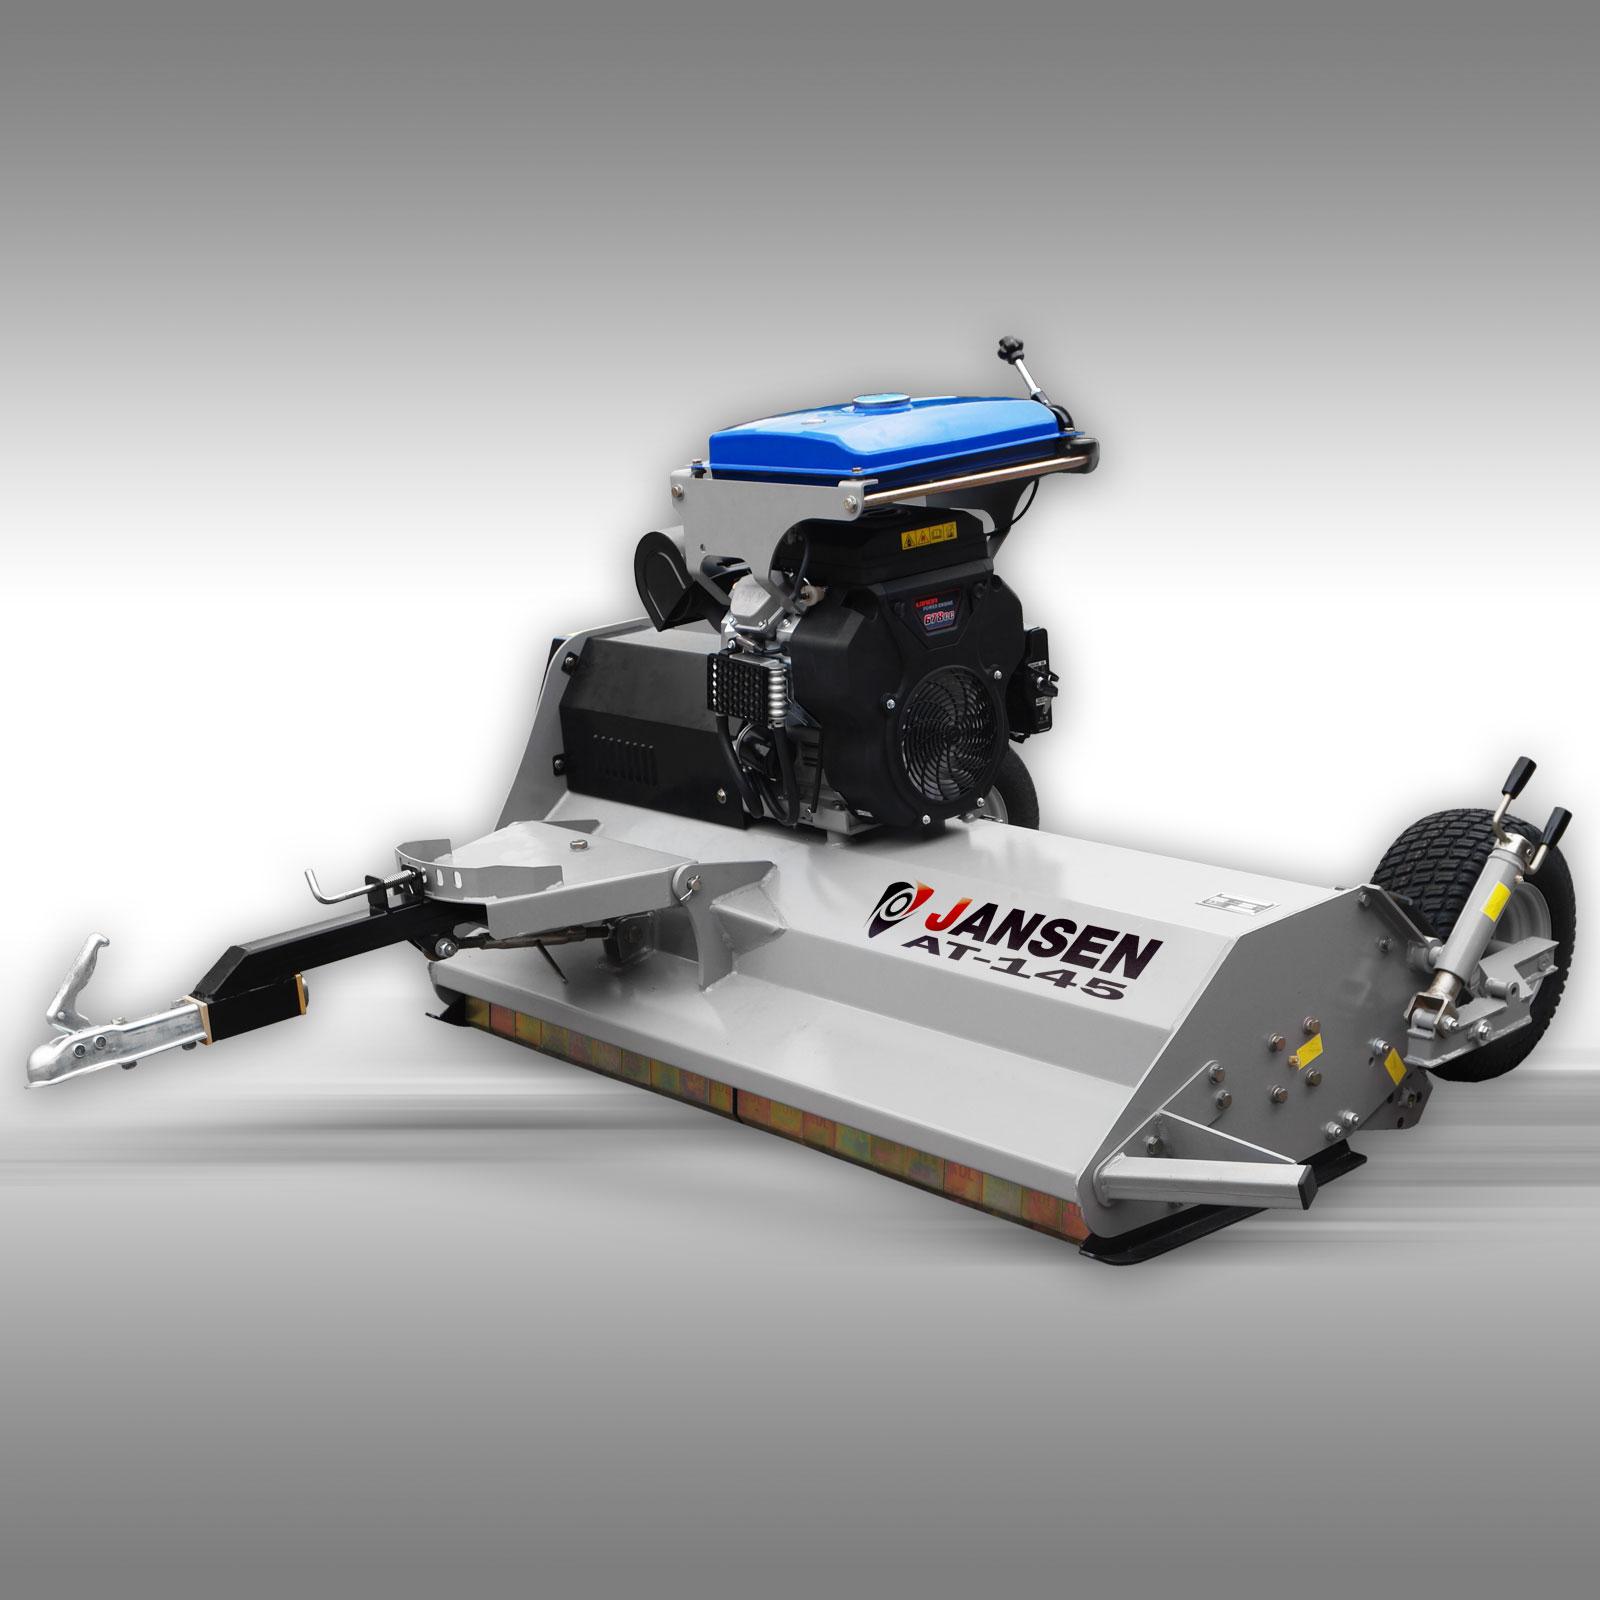 Jansen Klepelmaaier AT-145, 23 PK motor, 140cm, quad, ATV, UTV, tractor,